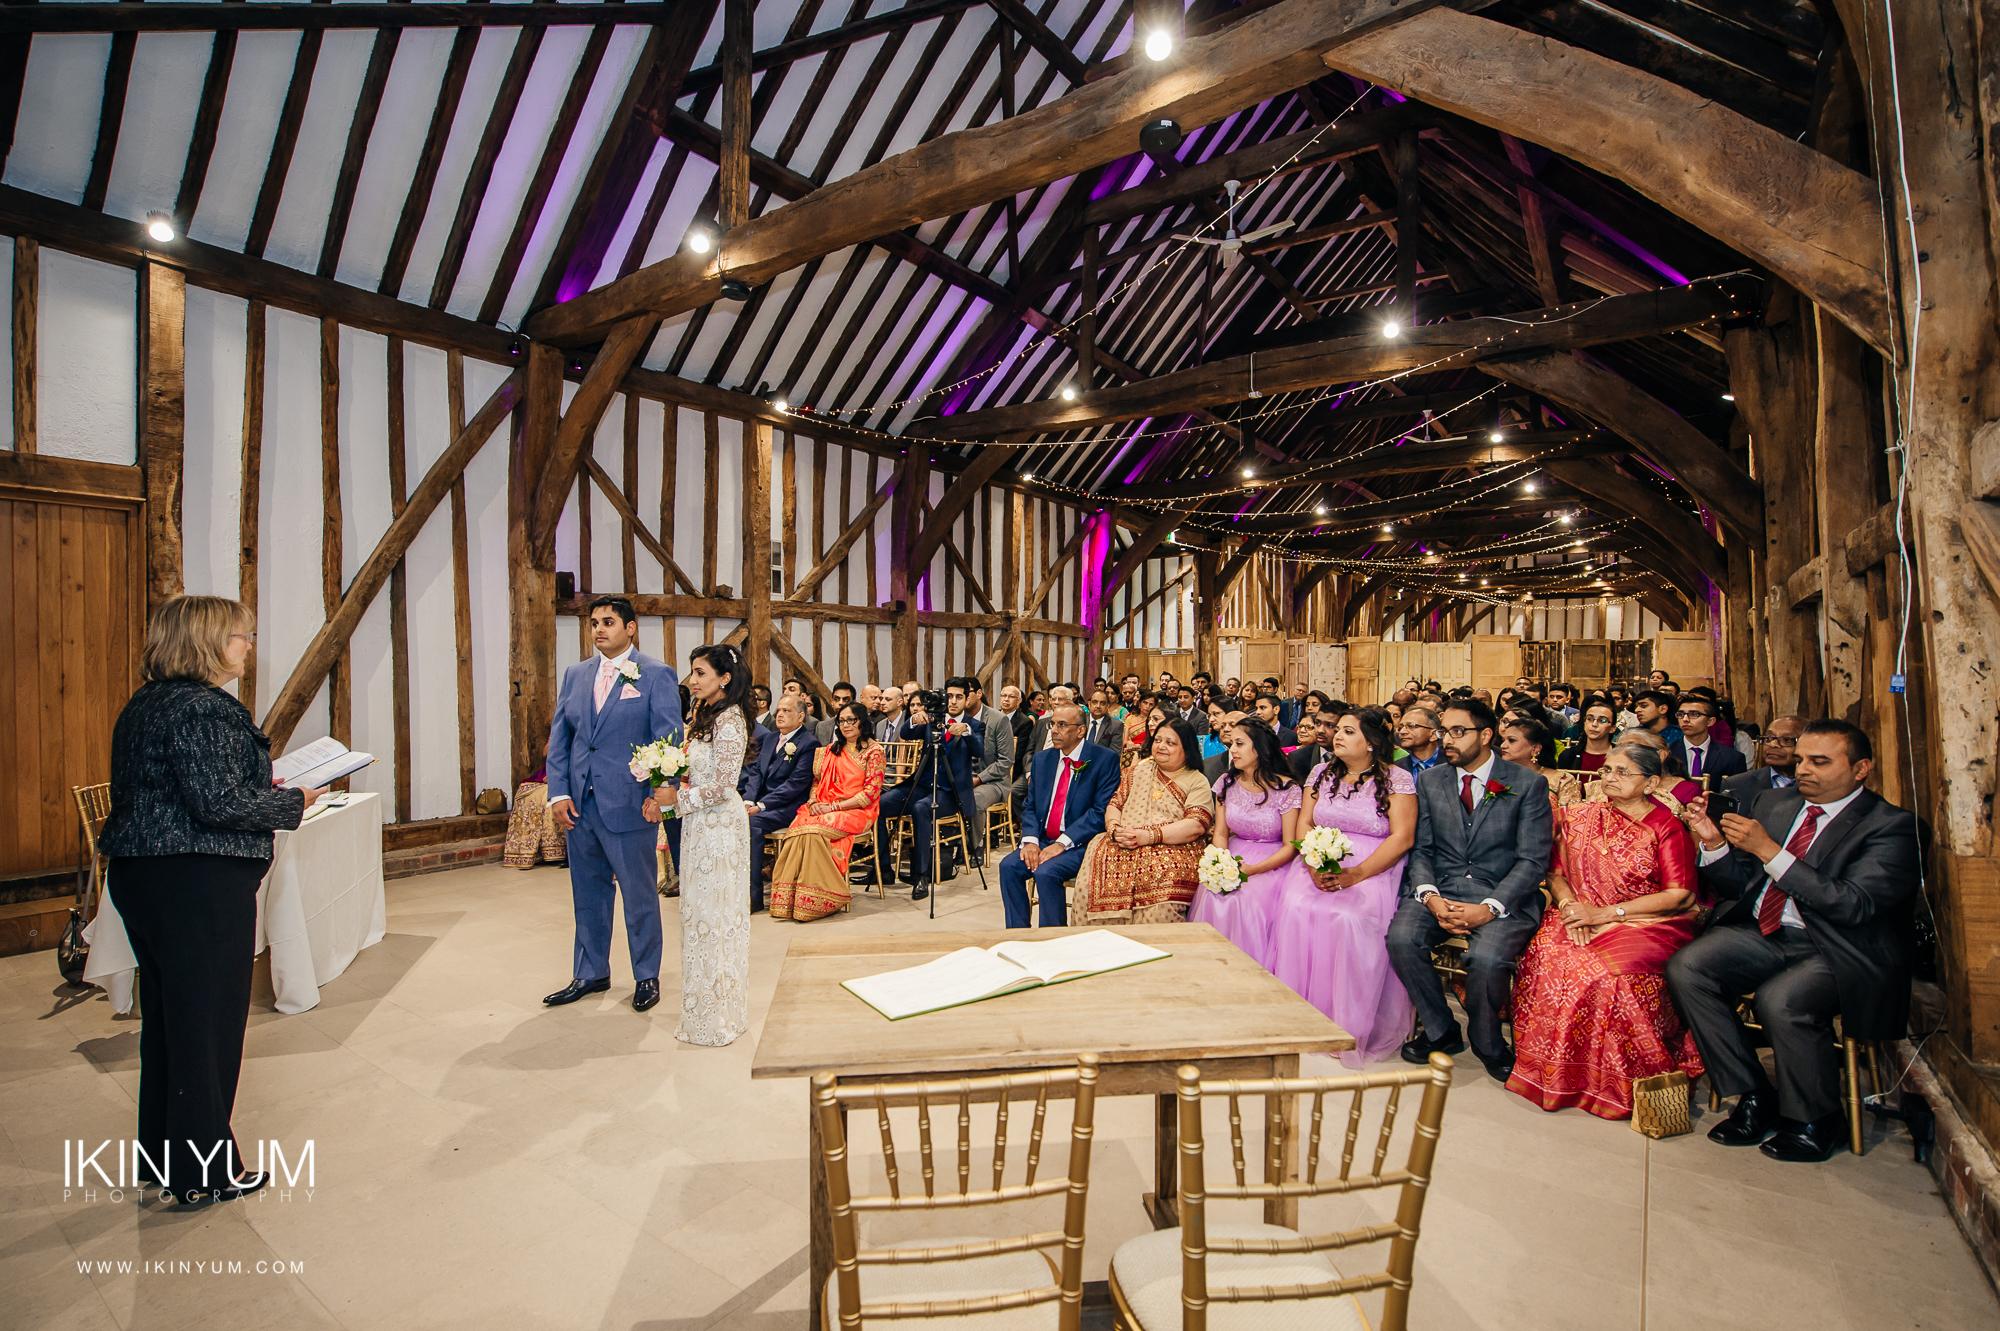 The Great Barn Wedding- Ikin Yum Photography-0038.jpg